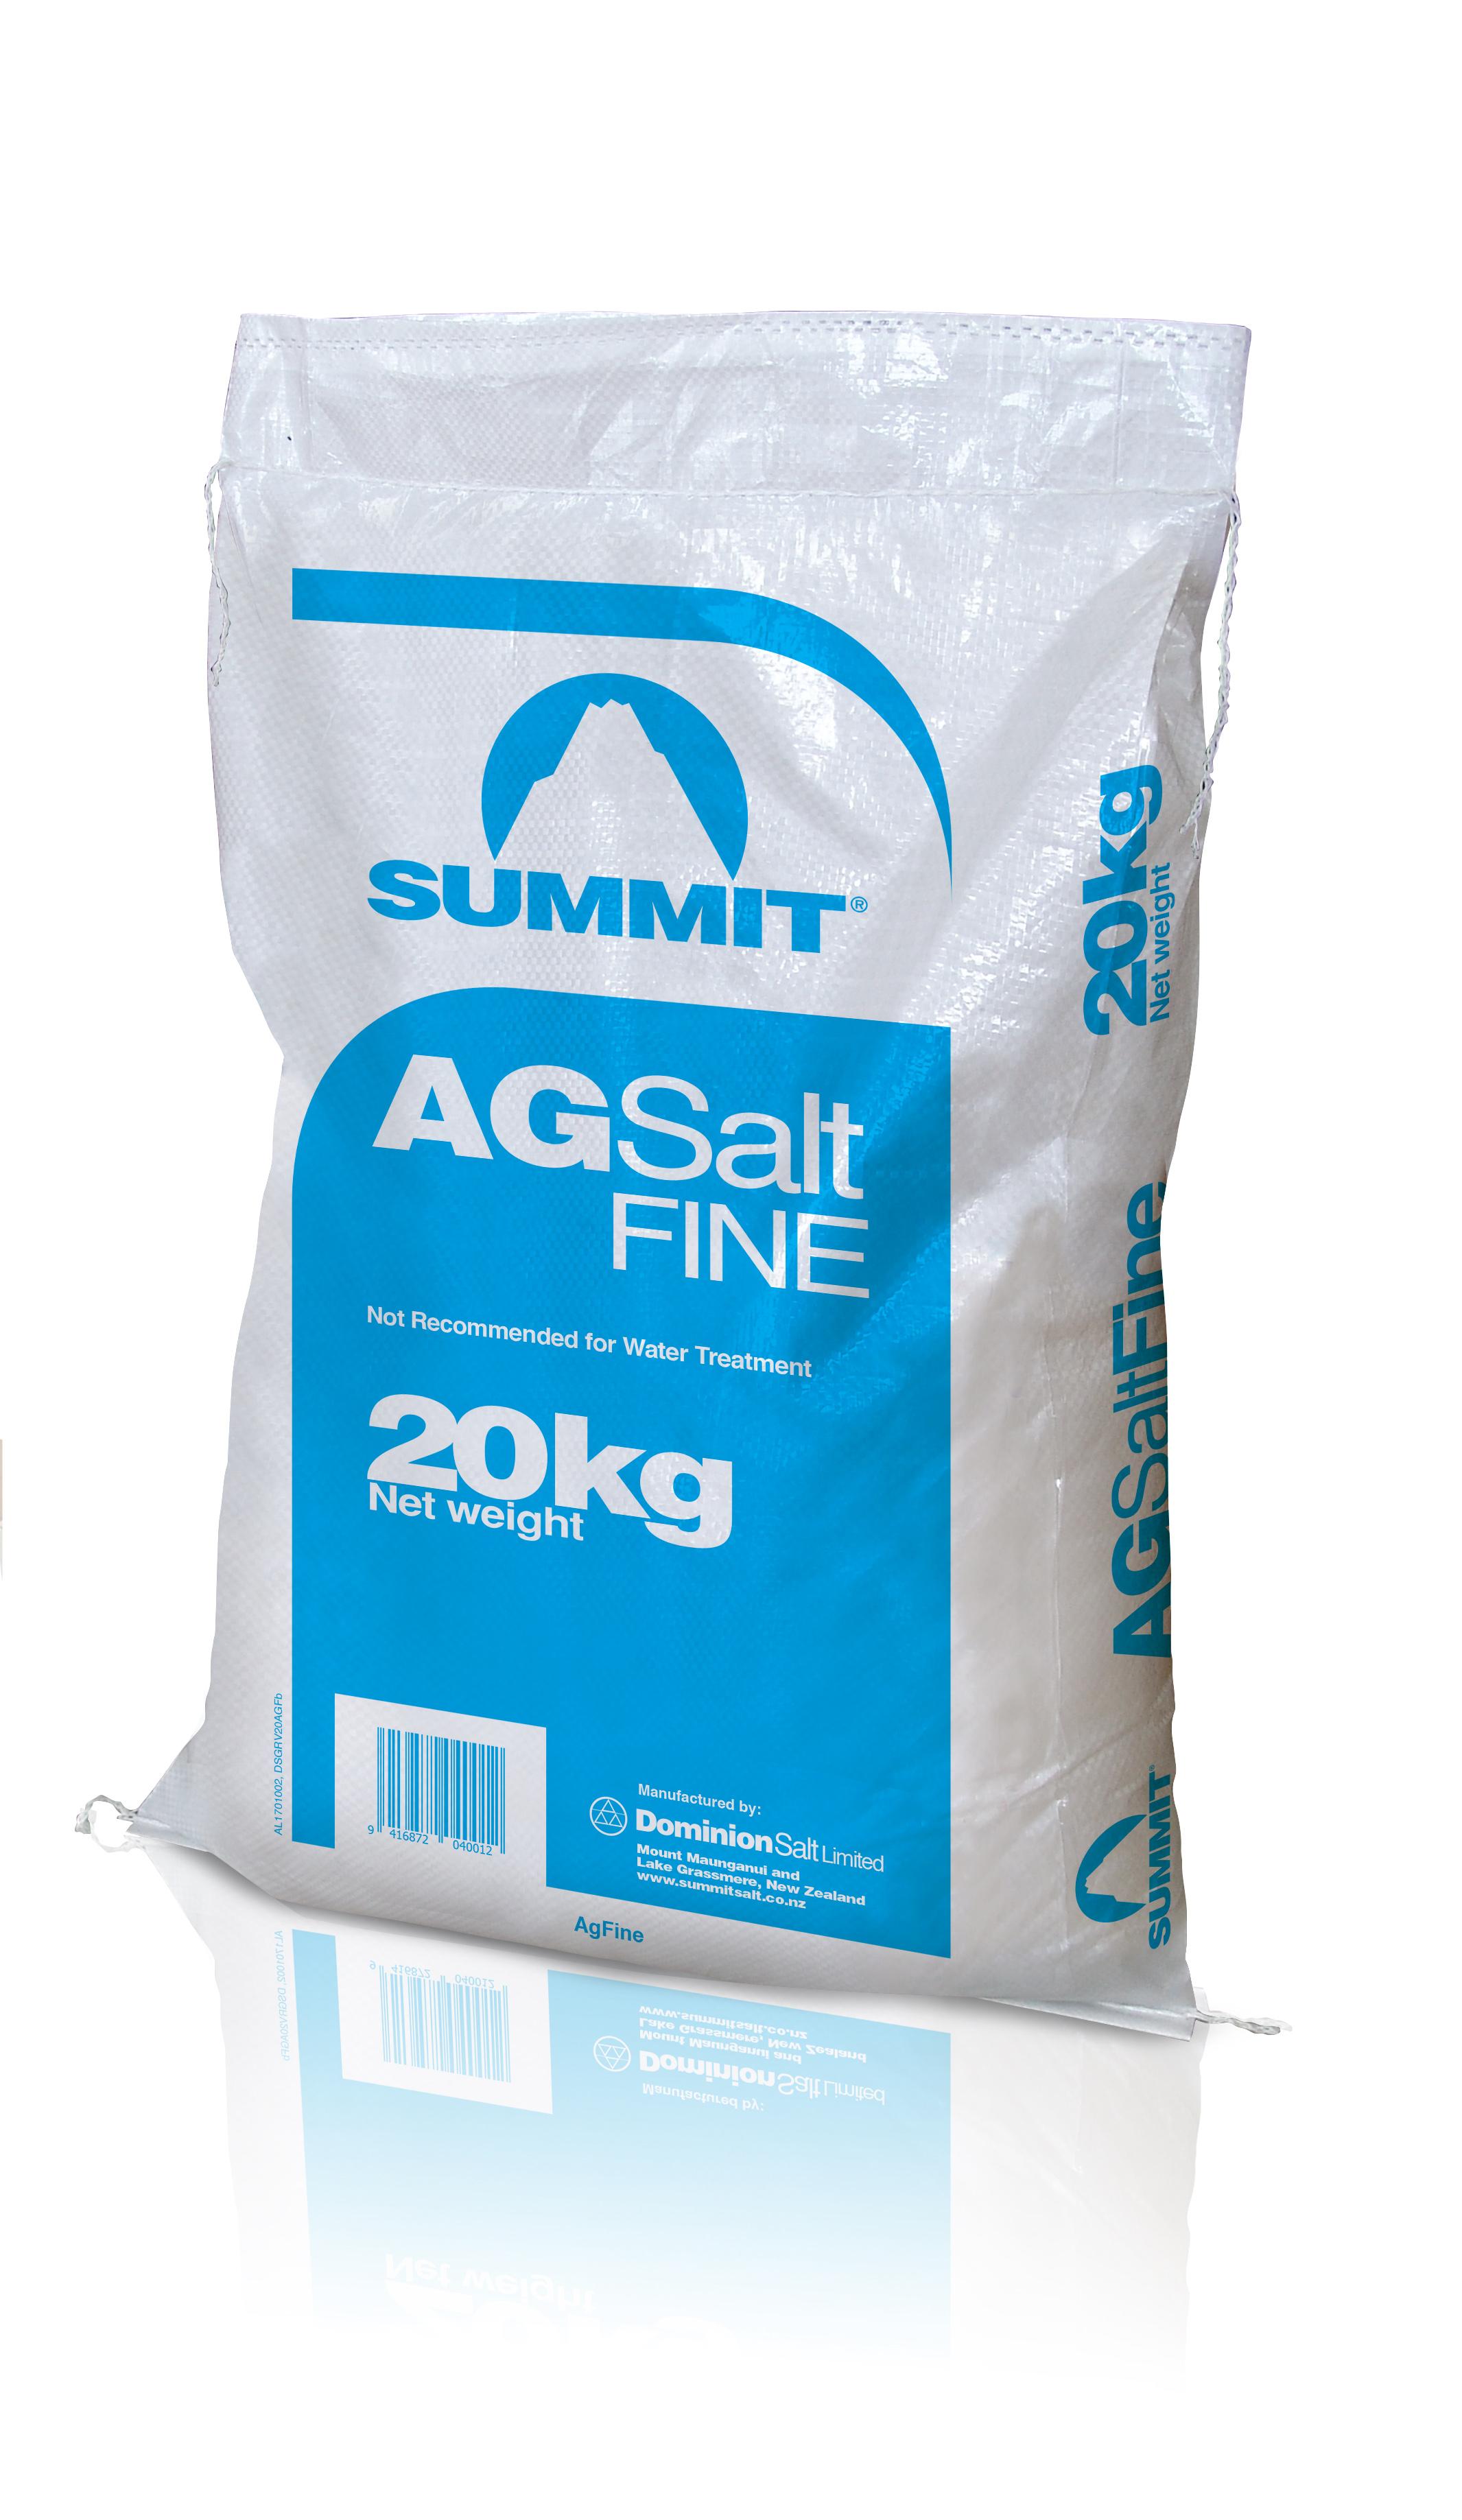 Summit agsalt fine